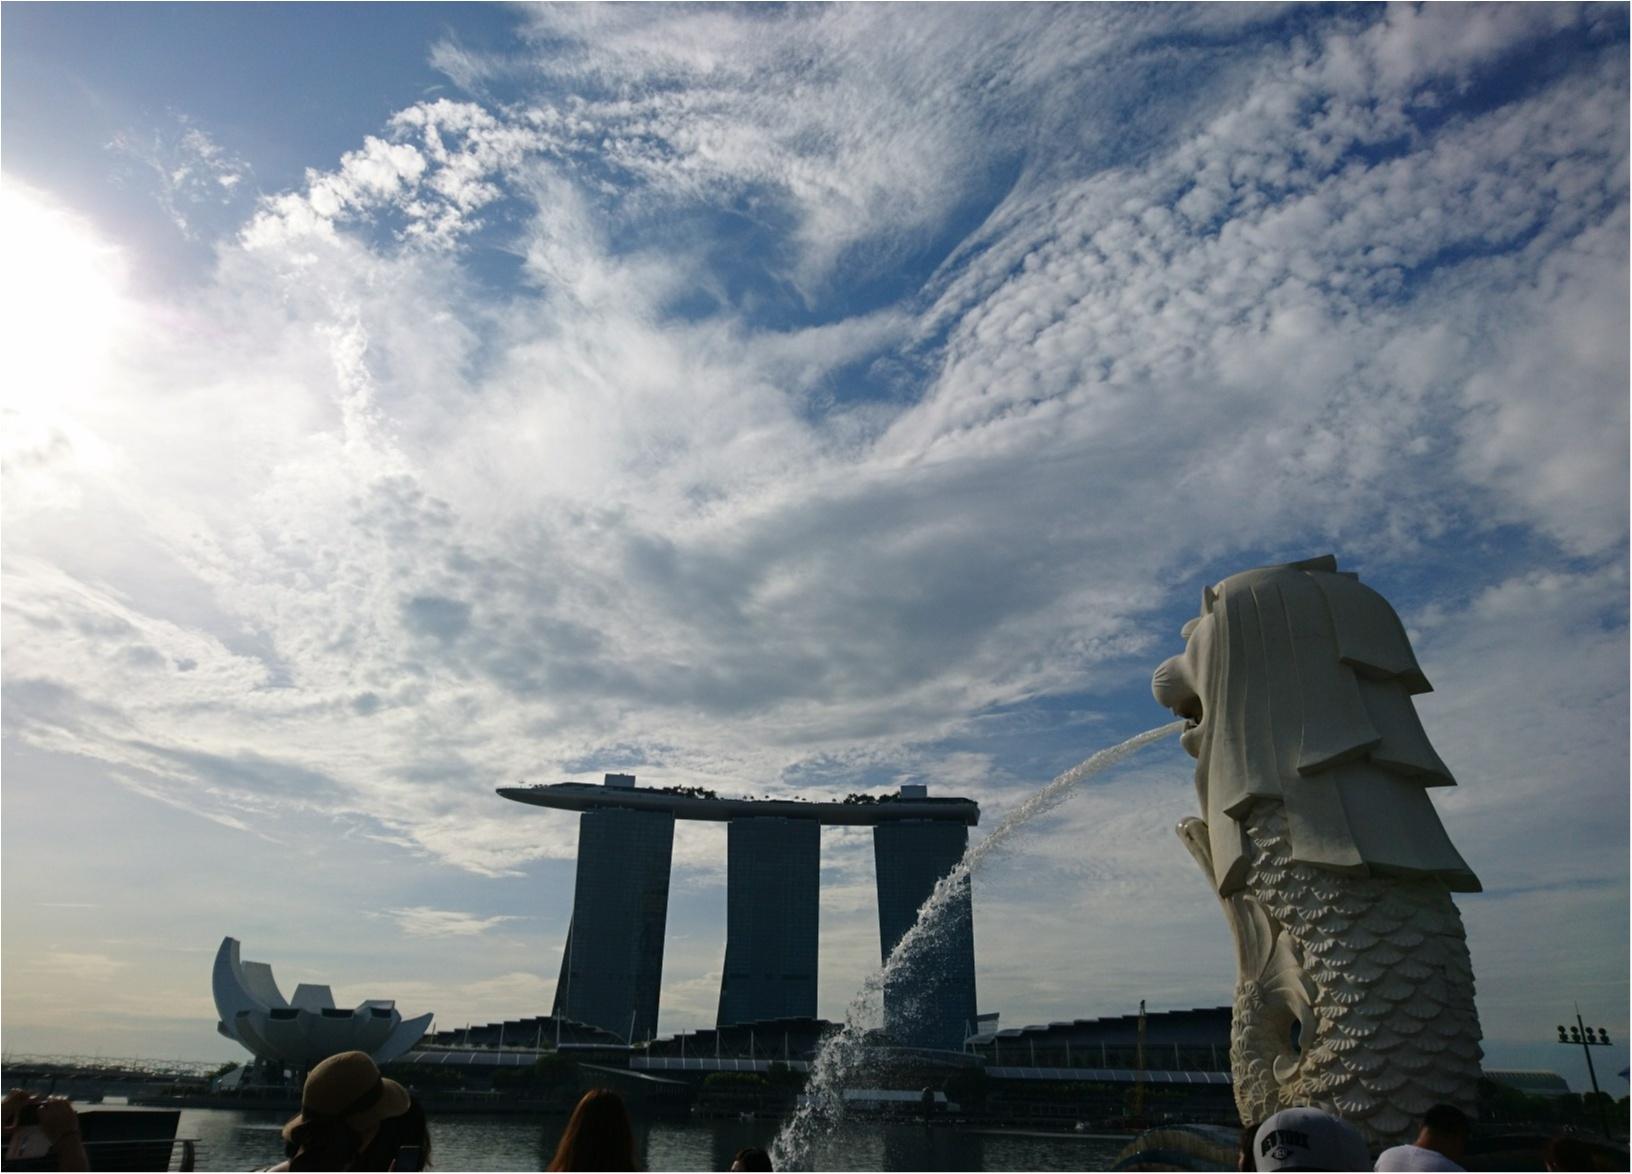 シンガポール女子旅特集 - 人気のマリーナベイ・サンズなどインスタ映えスポット、おいしいグルメがいっぱい♪_41